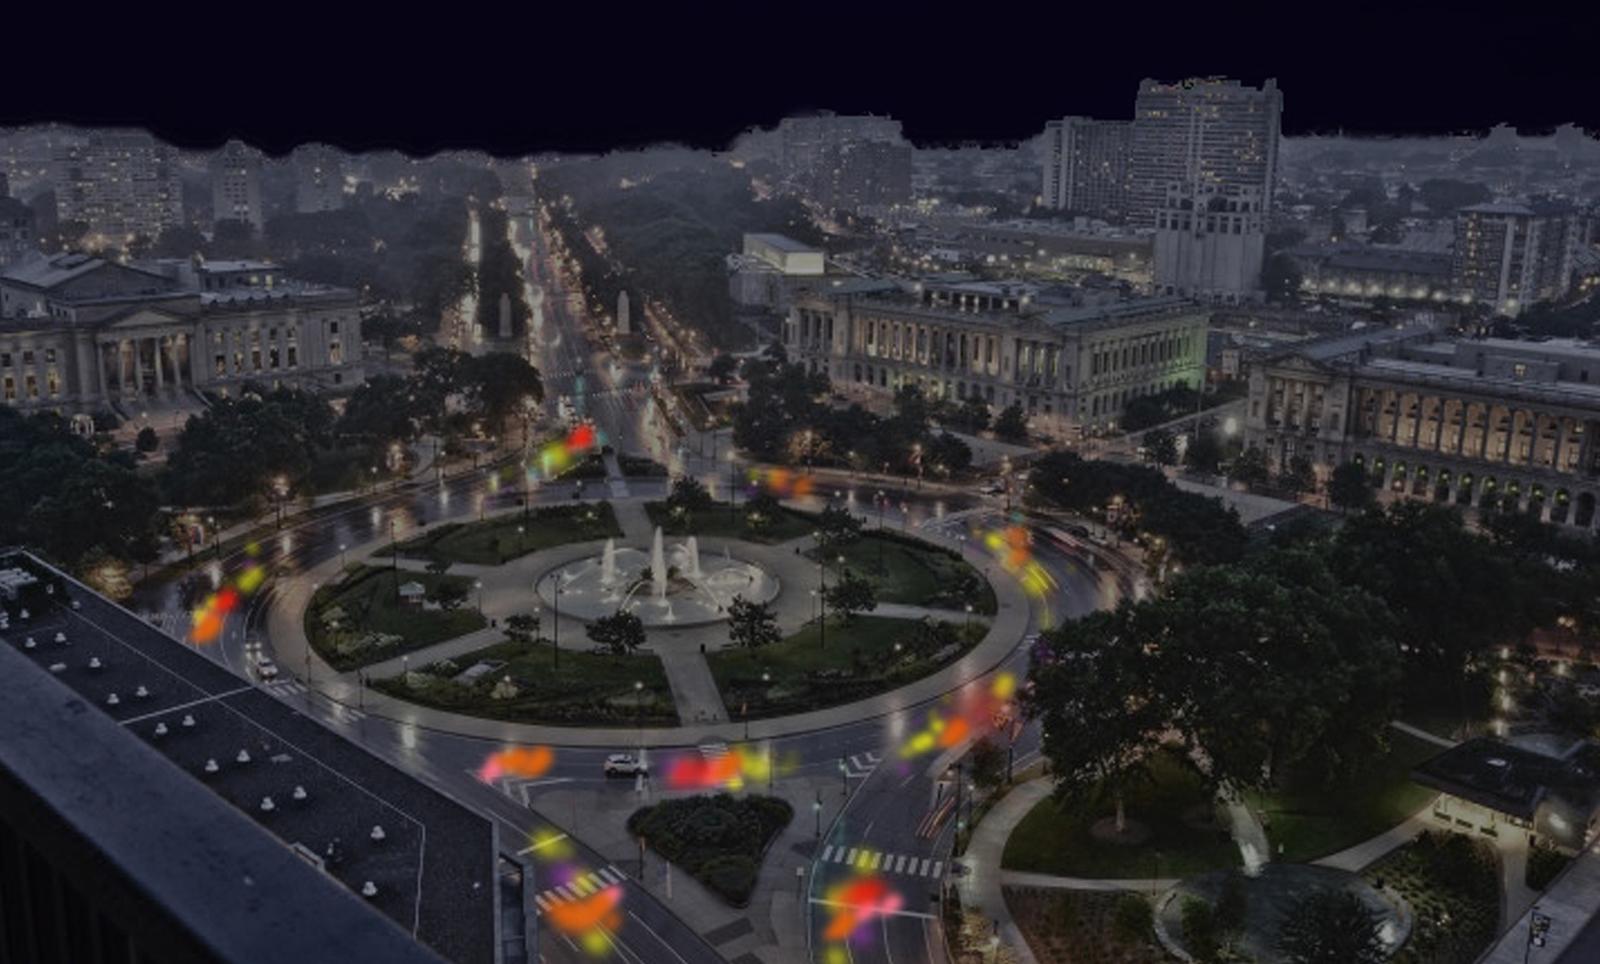 Digital sketch of Cai Guo-Qiang's Fireflies public artwork